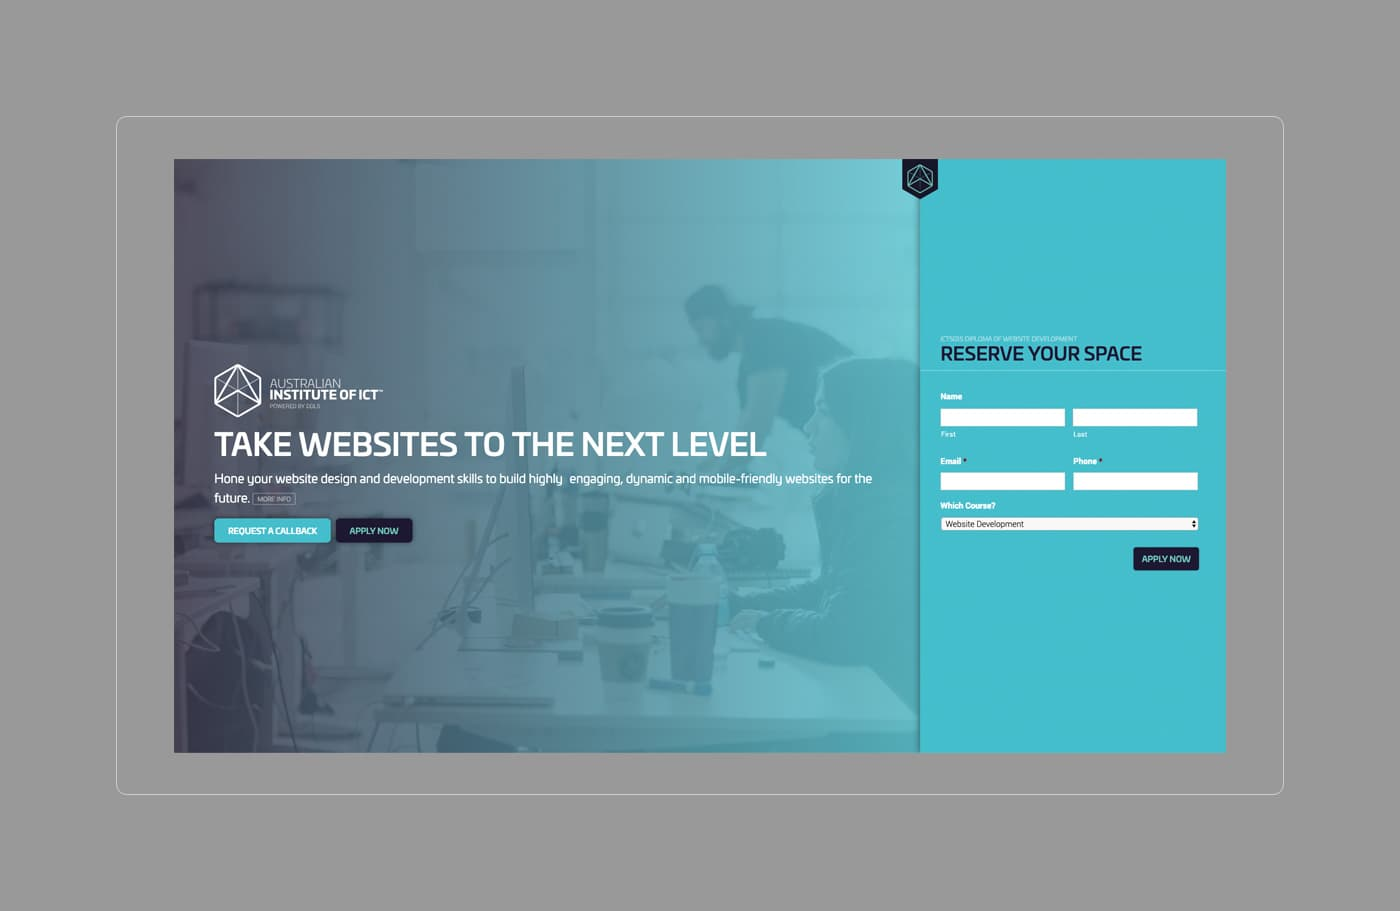 AIICT landing page design